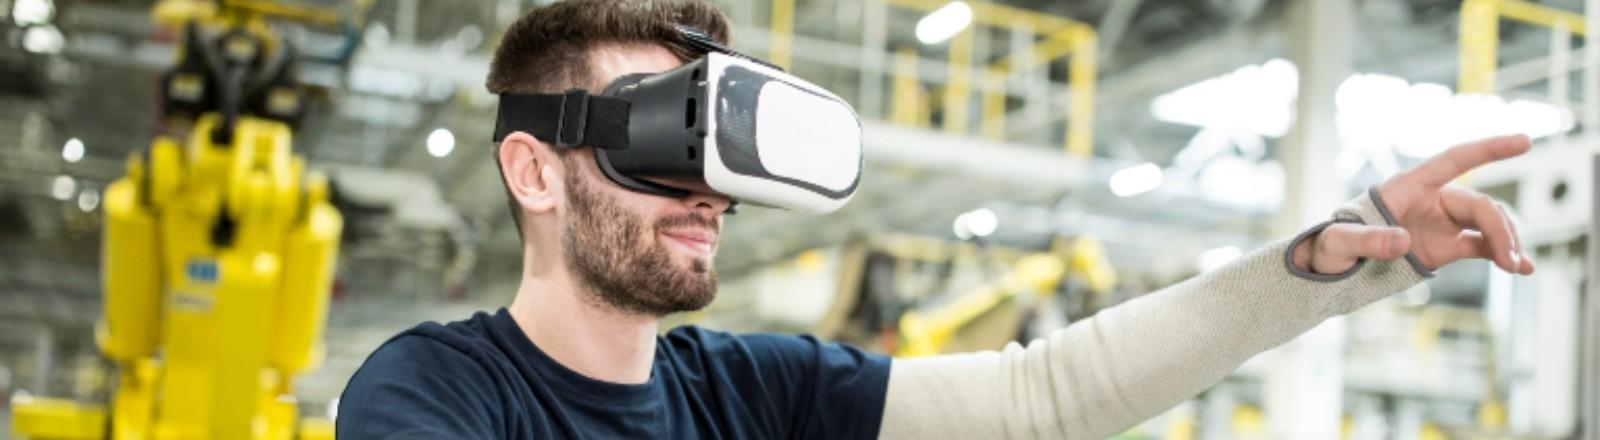 Ein Mann steht in einer Fabrik und hat eine VR-Brille auf